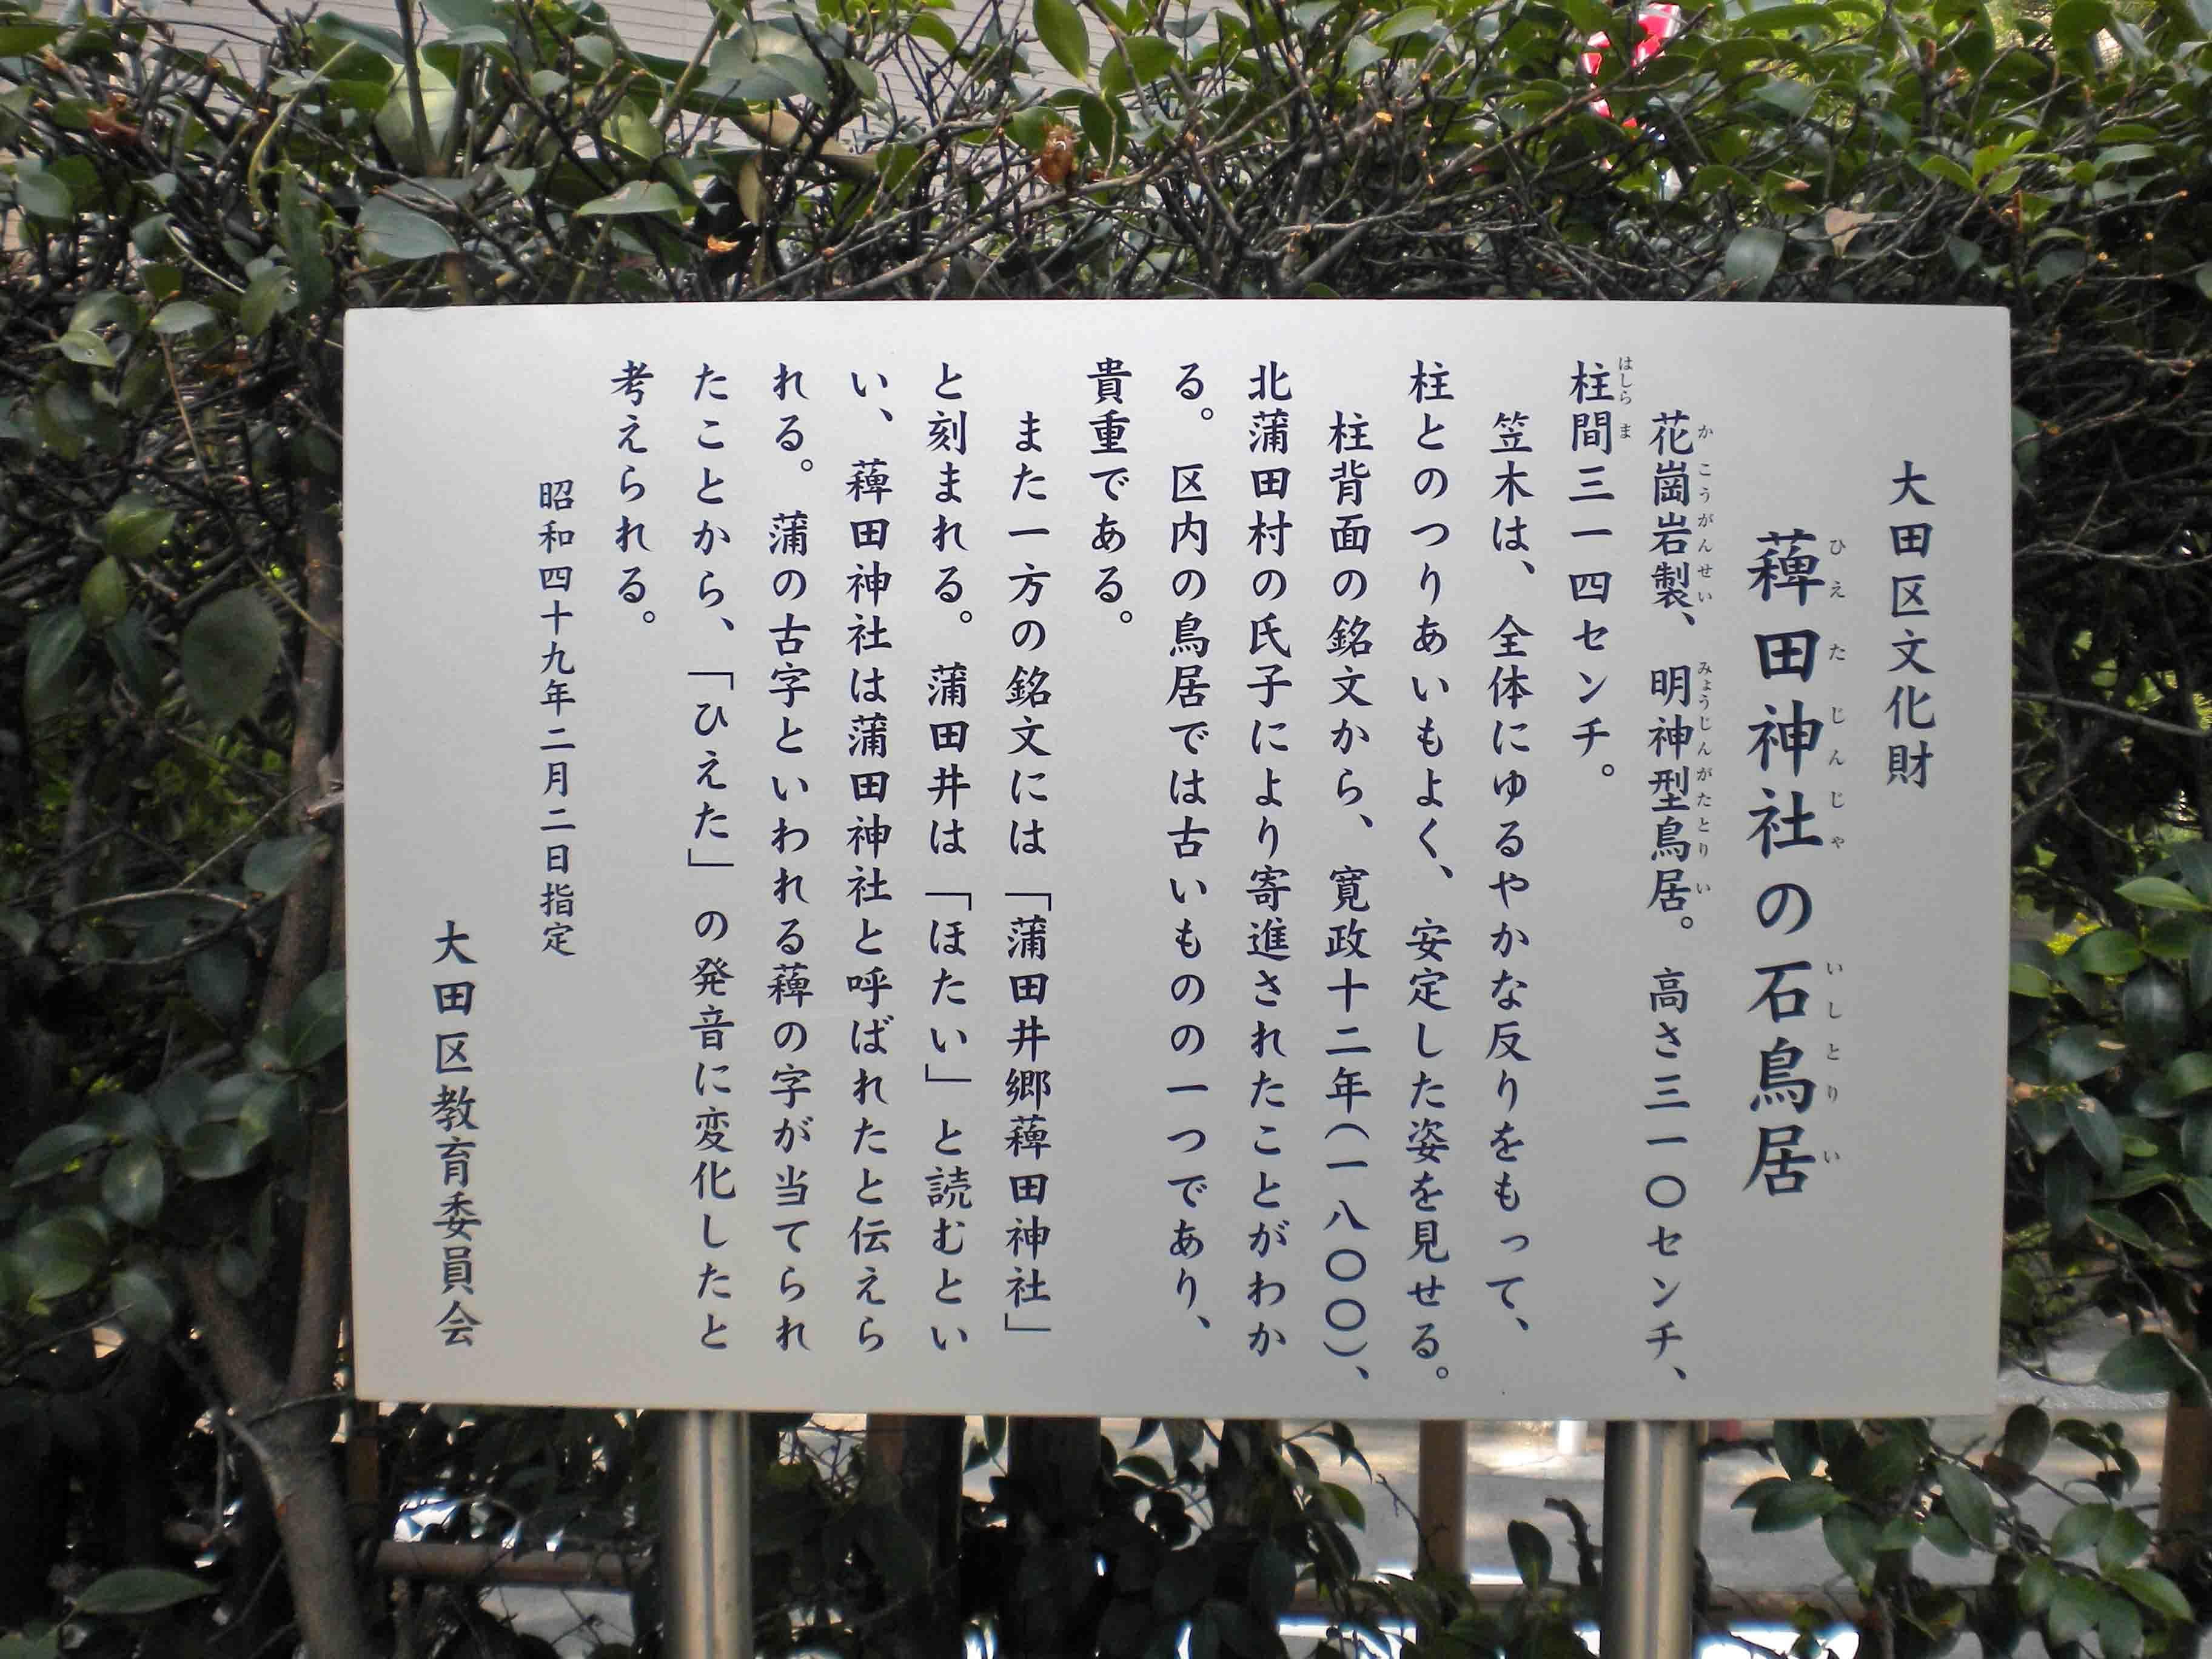 稗田神社 鳥居説明板